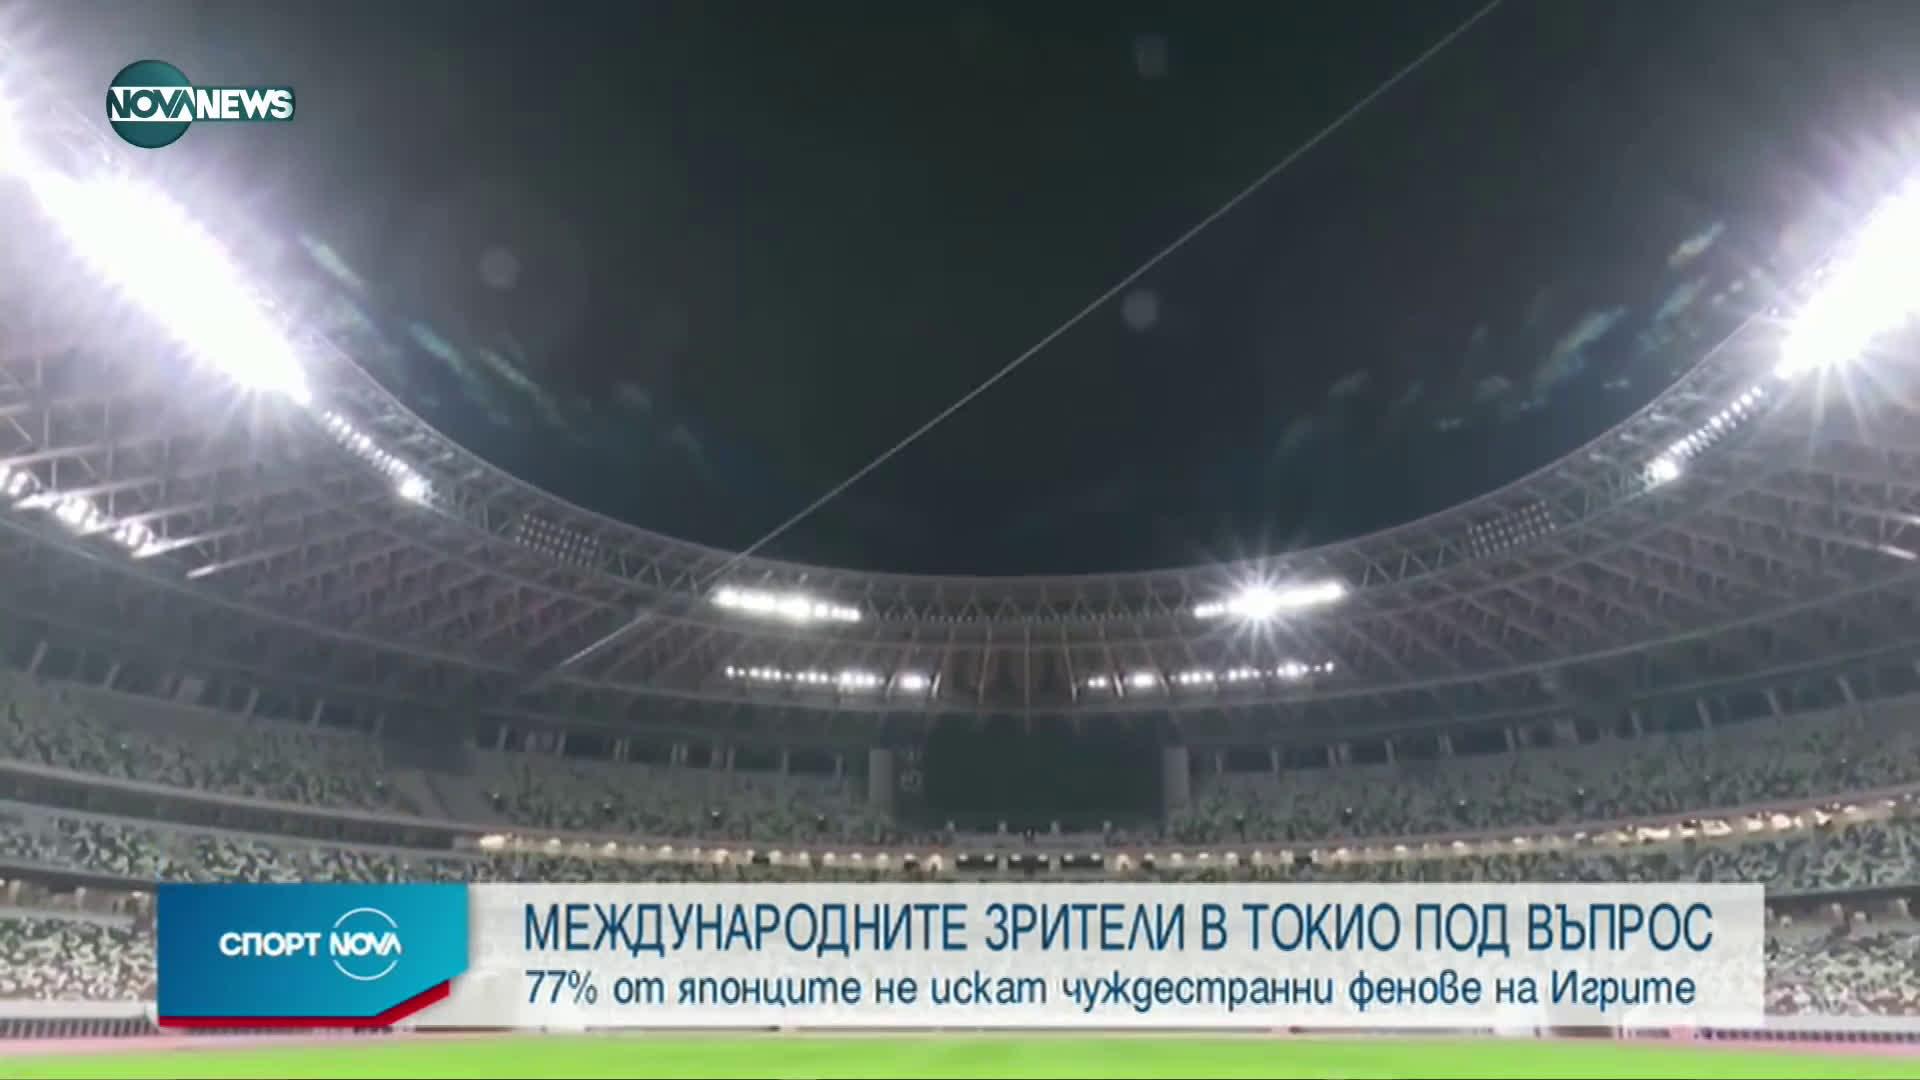 Ще има ли международни зрители на Олимпиадата в Токио?